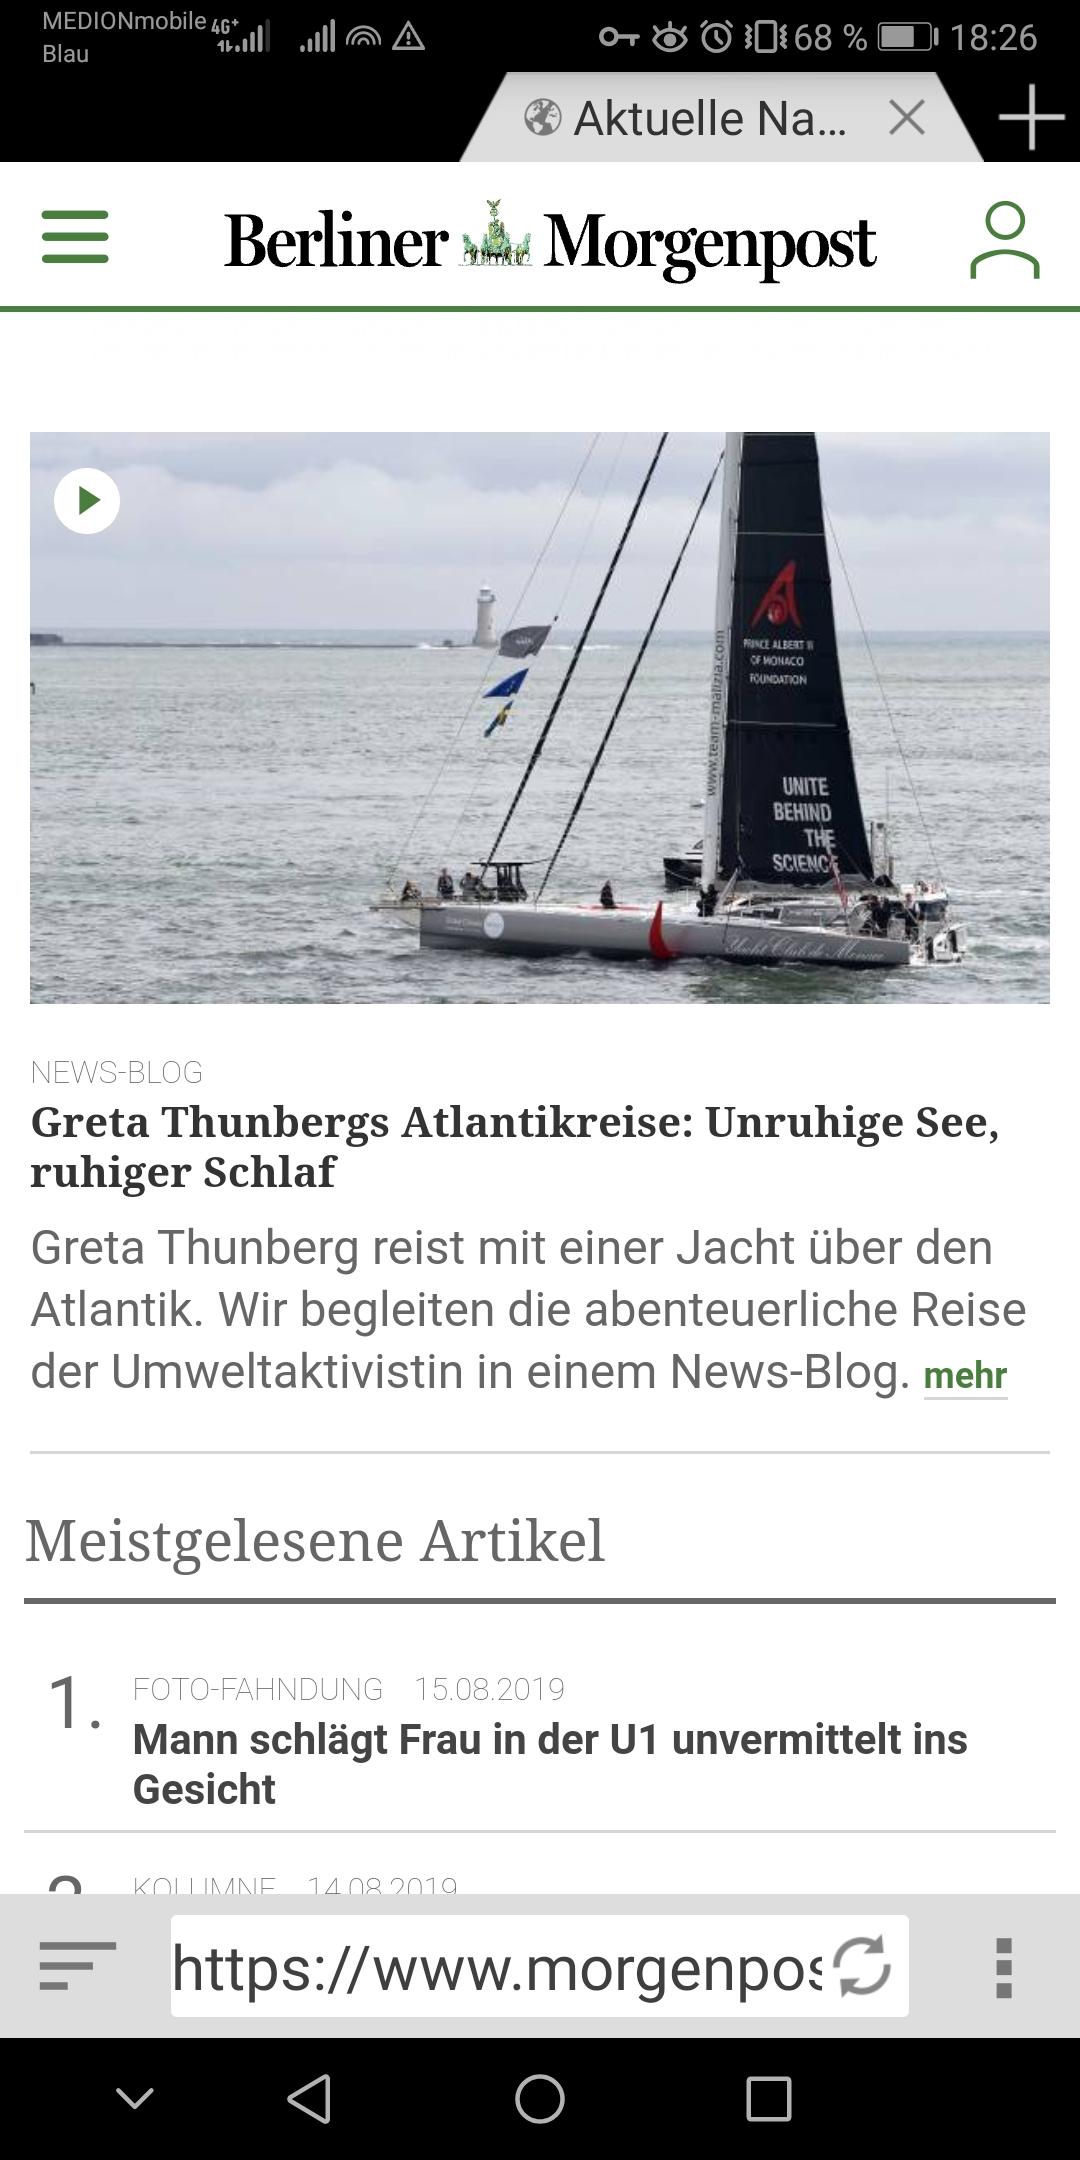 01-Screenshot_20190815_182624_vcam.dk_.DeutschNachrichtenZeitungen